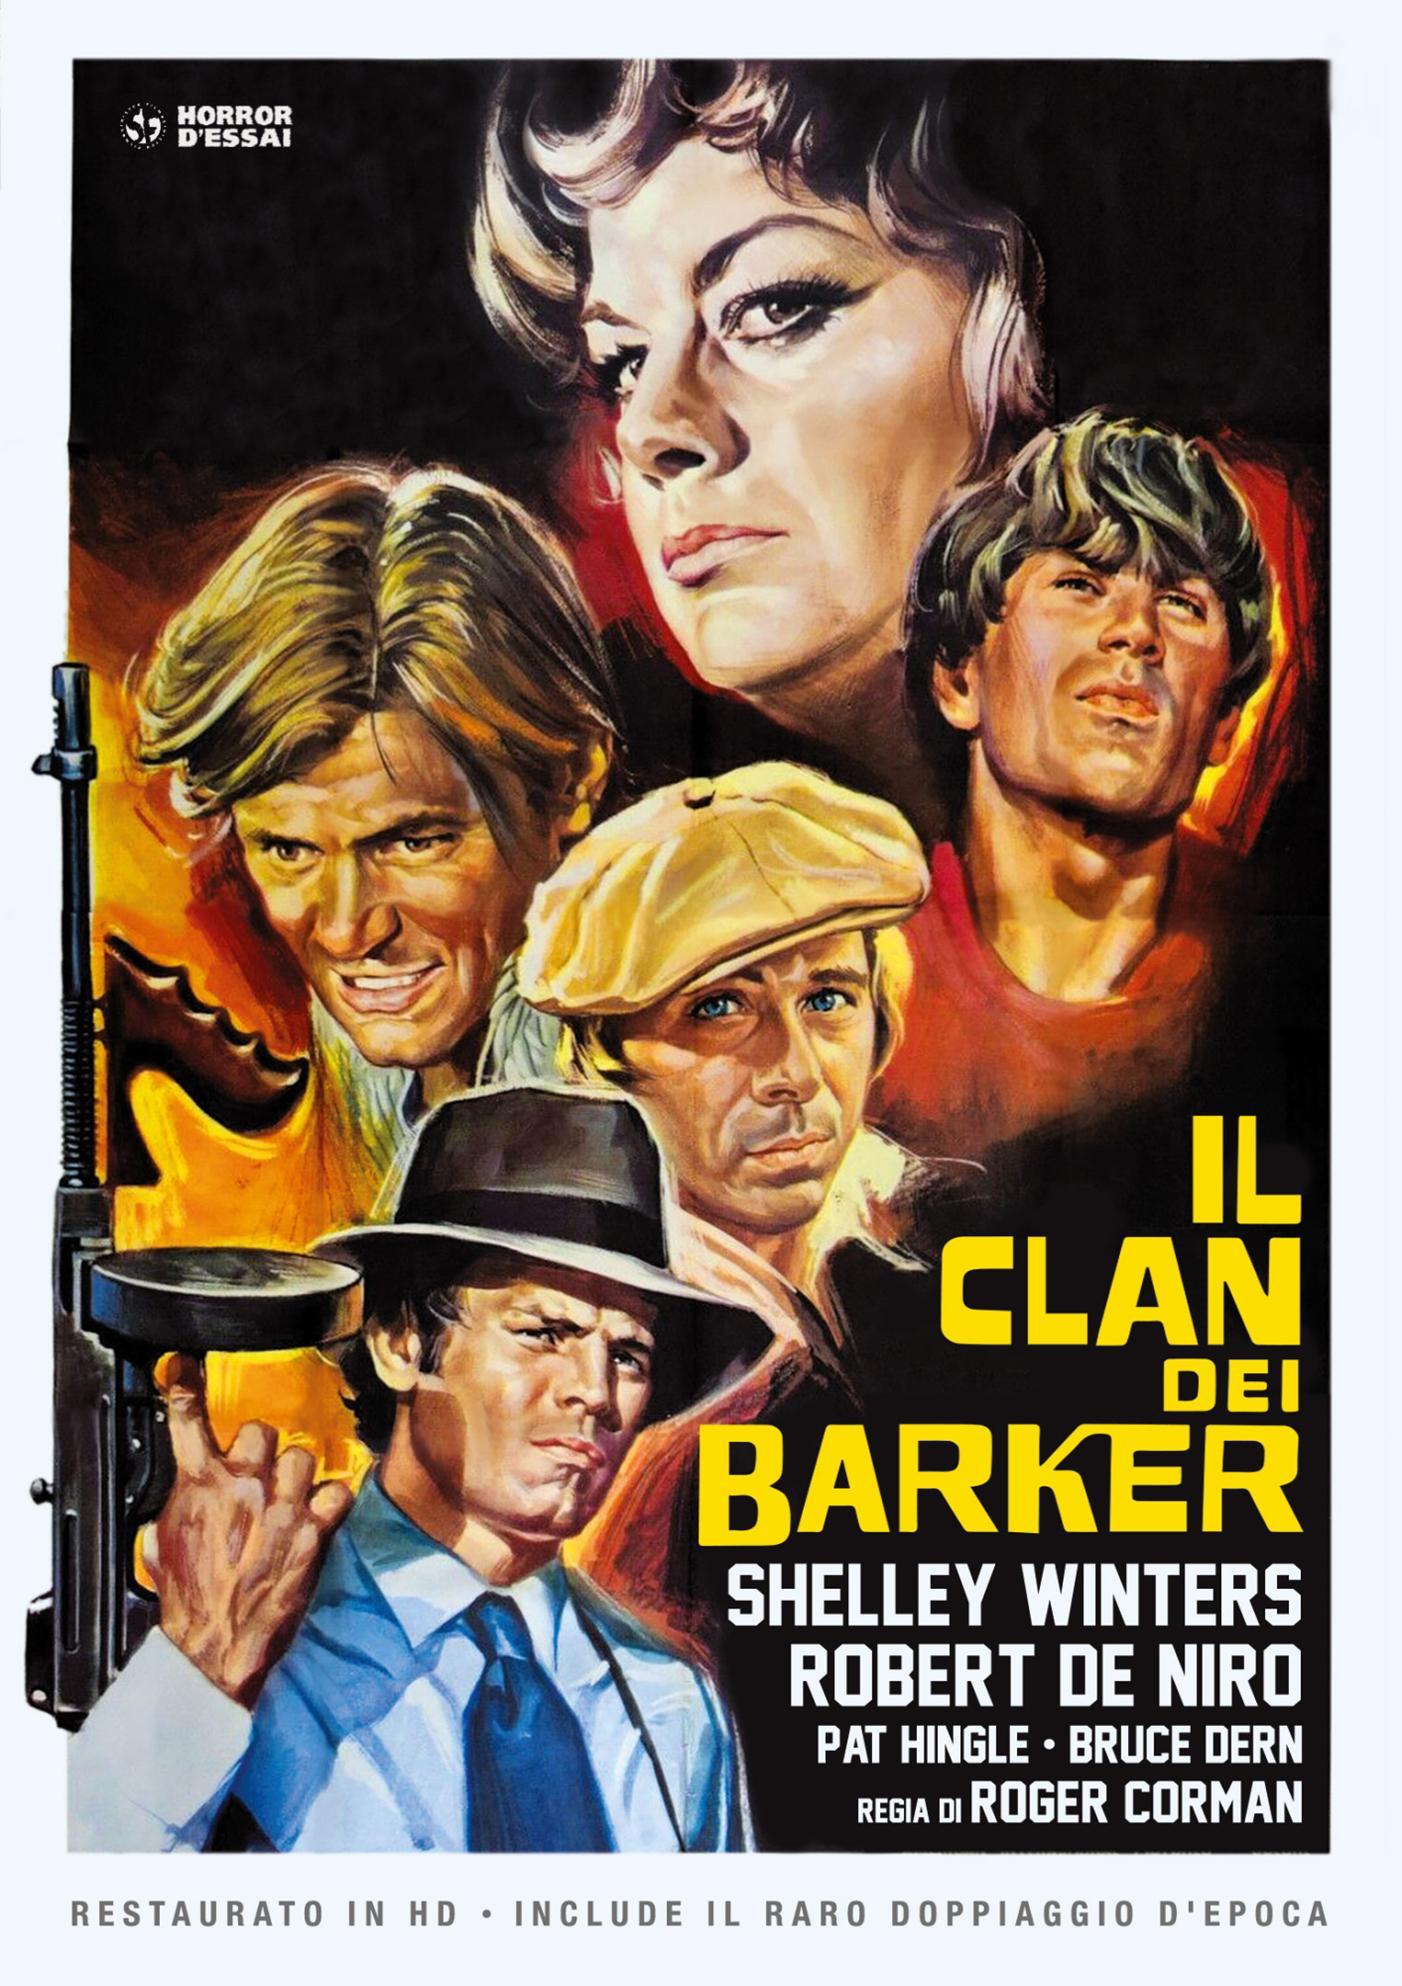 IL CLAN DEI BARKER (RESTAURATO IN HD) (DVD)